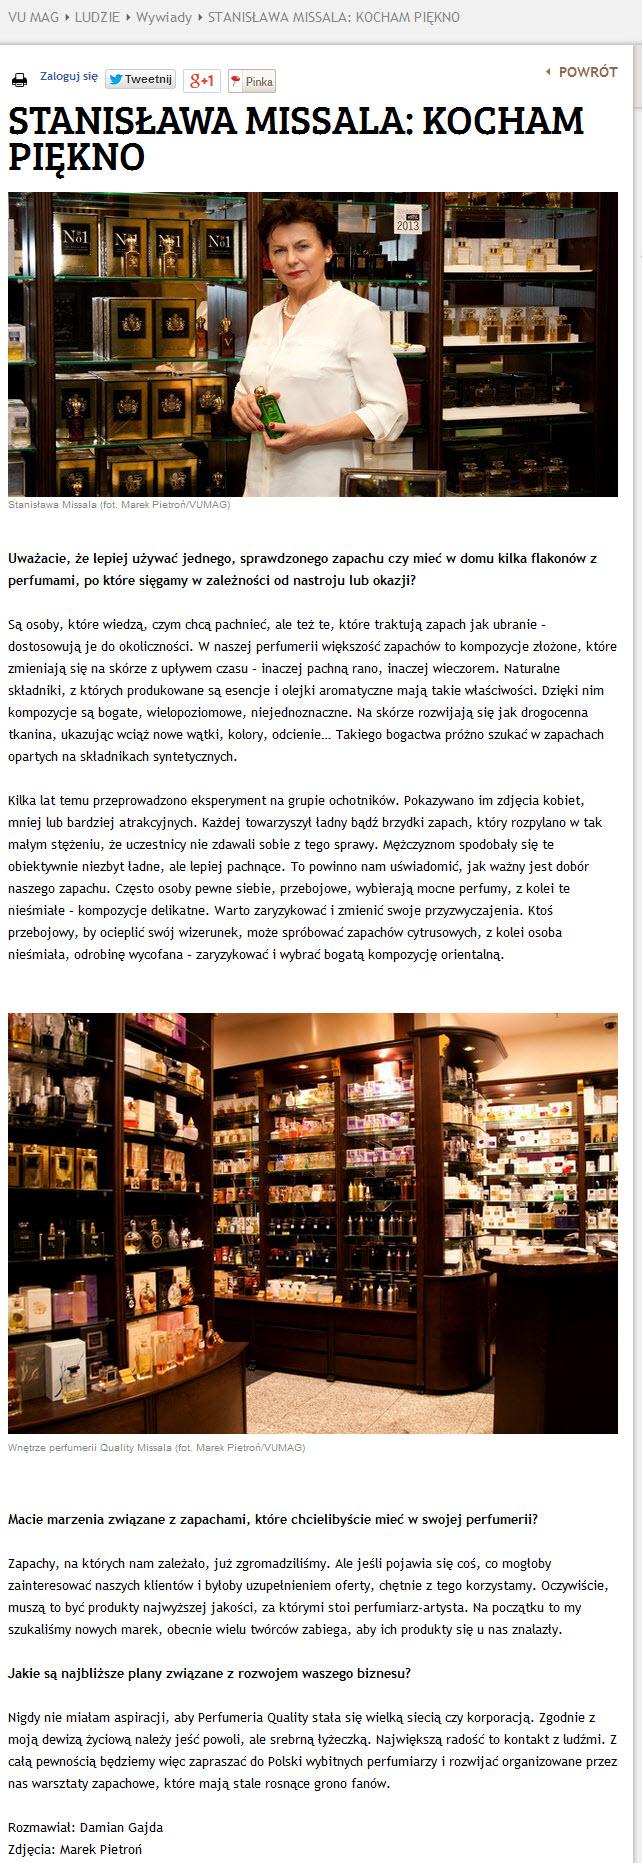 2014.06.22_vumag.pl_wywiad ze Stanisławą Missalą (3)